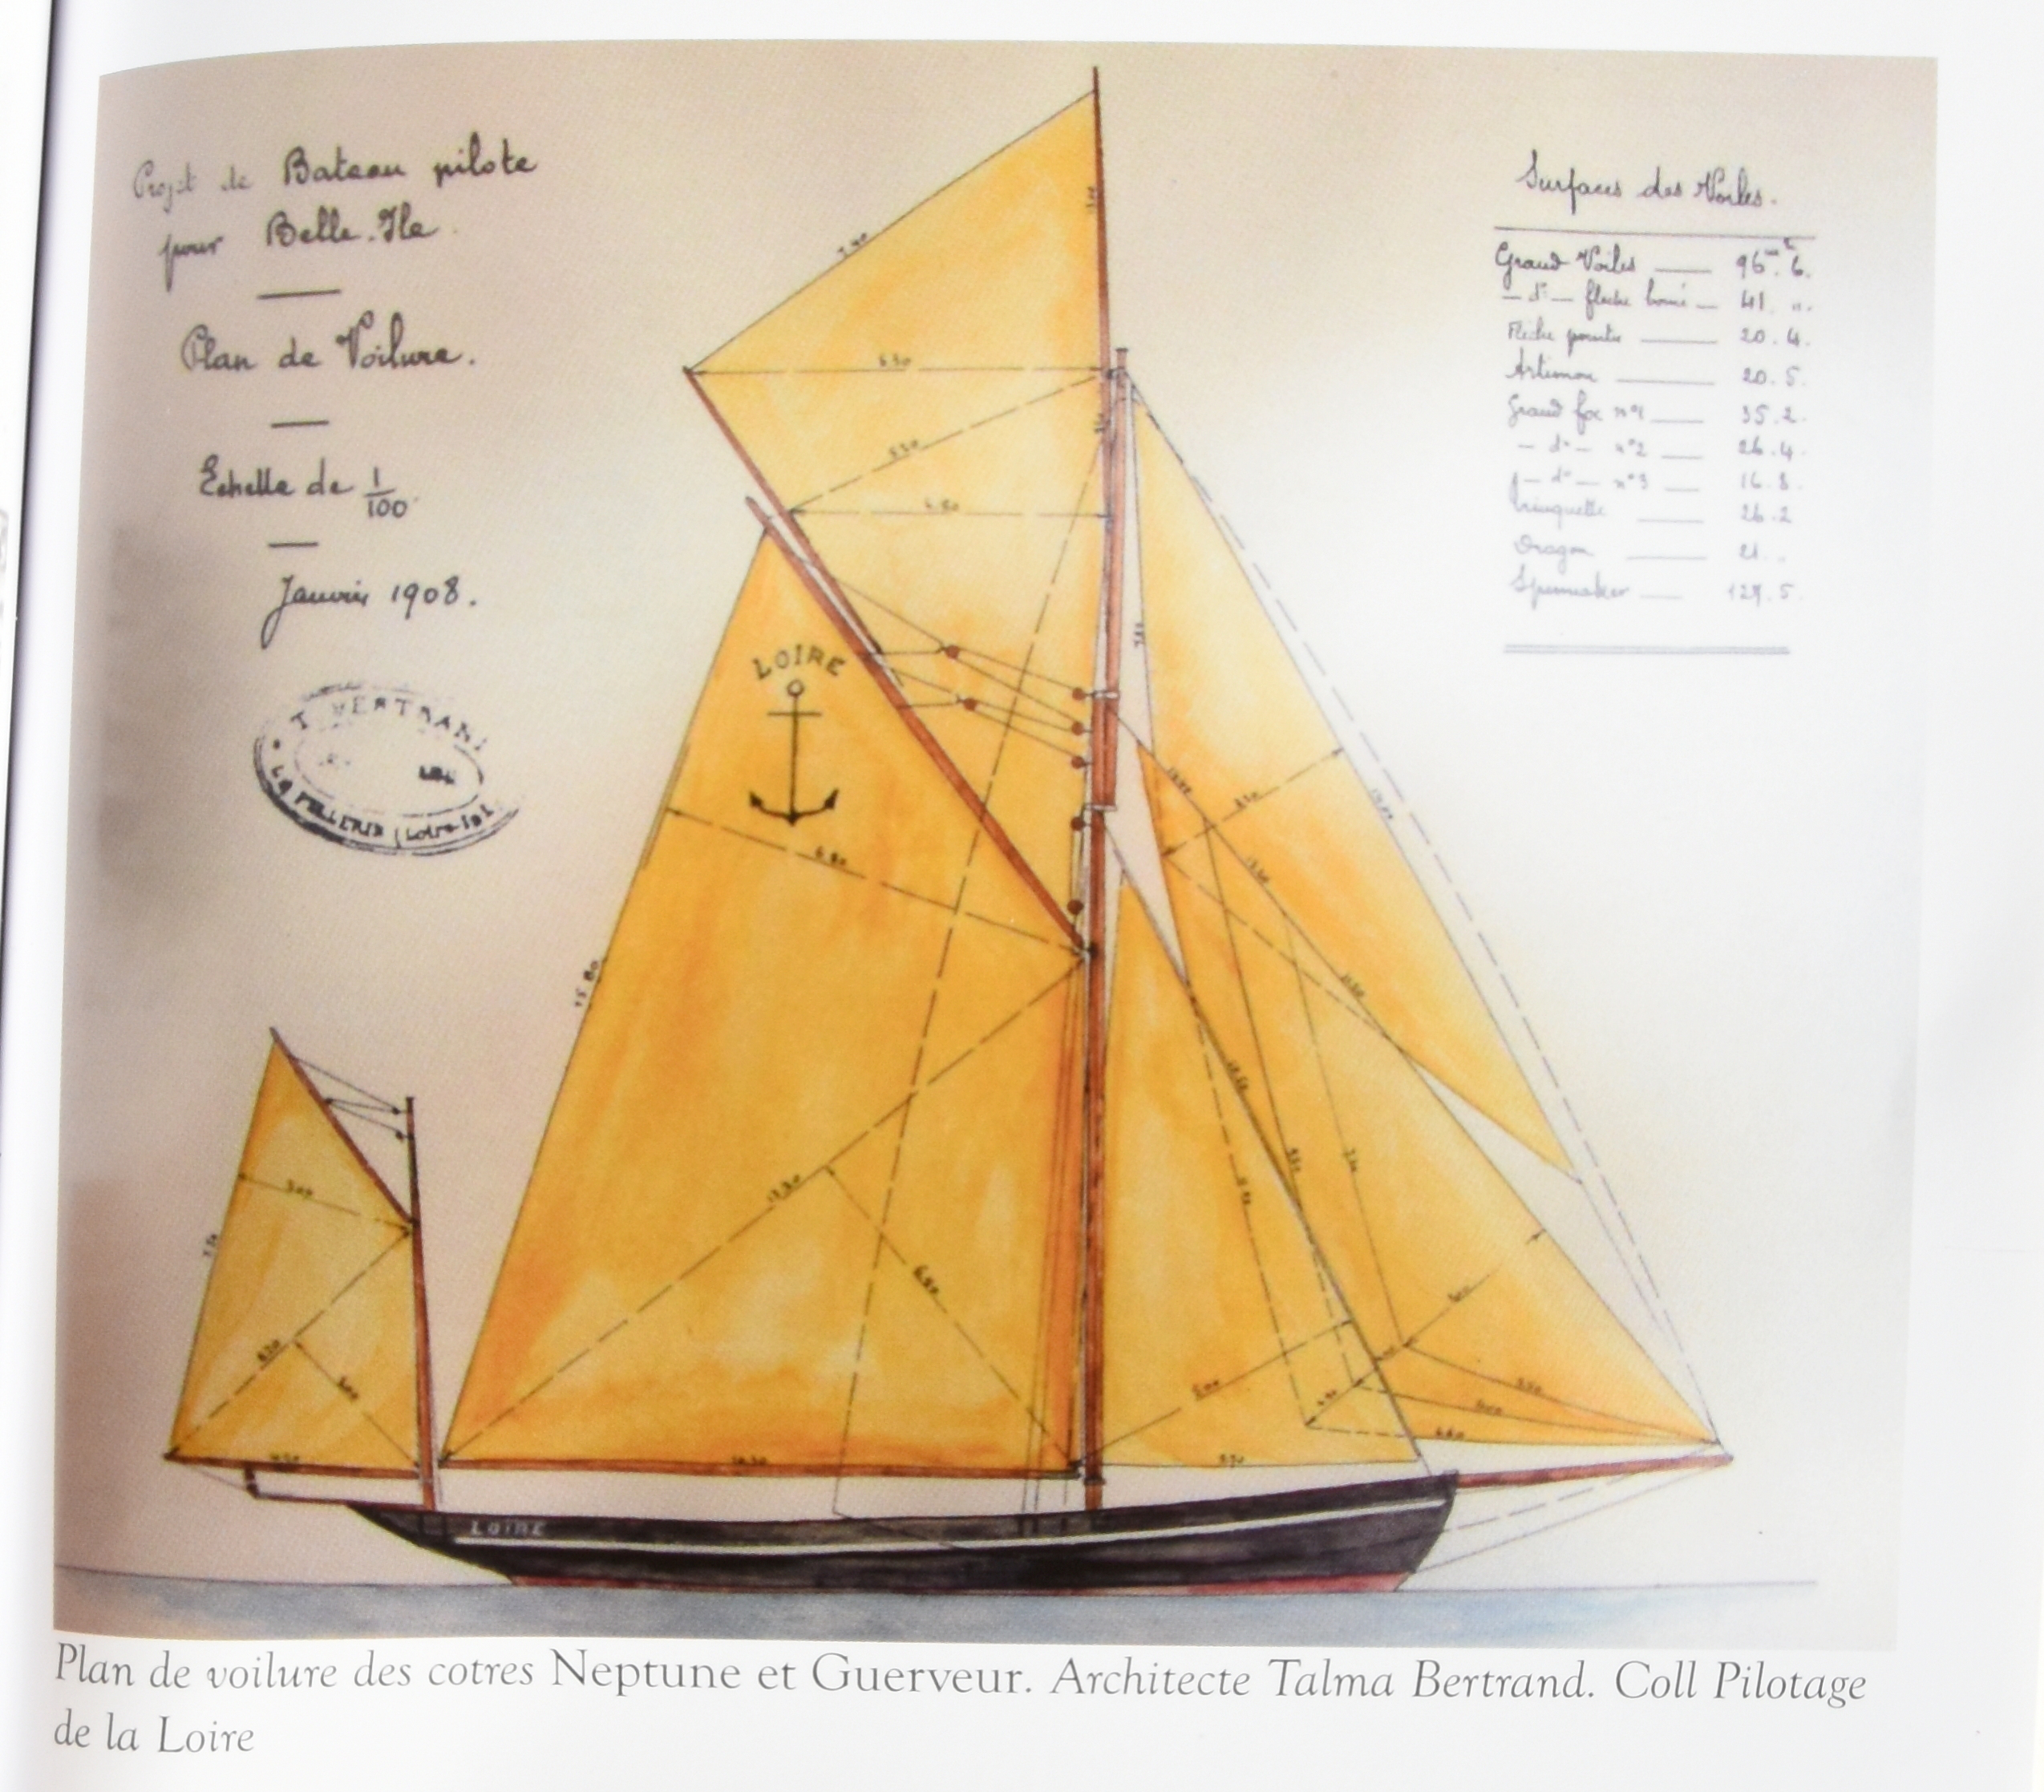 recherche des plans d'un modèle de yacht classique télécommandable inachevé - Page 2 171020025328321801